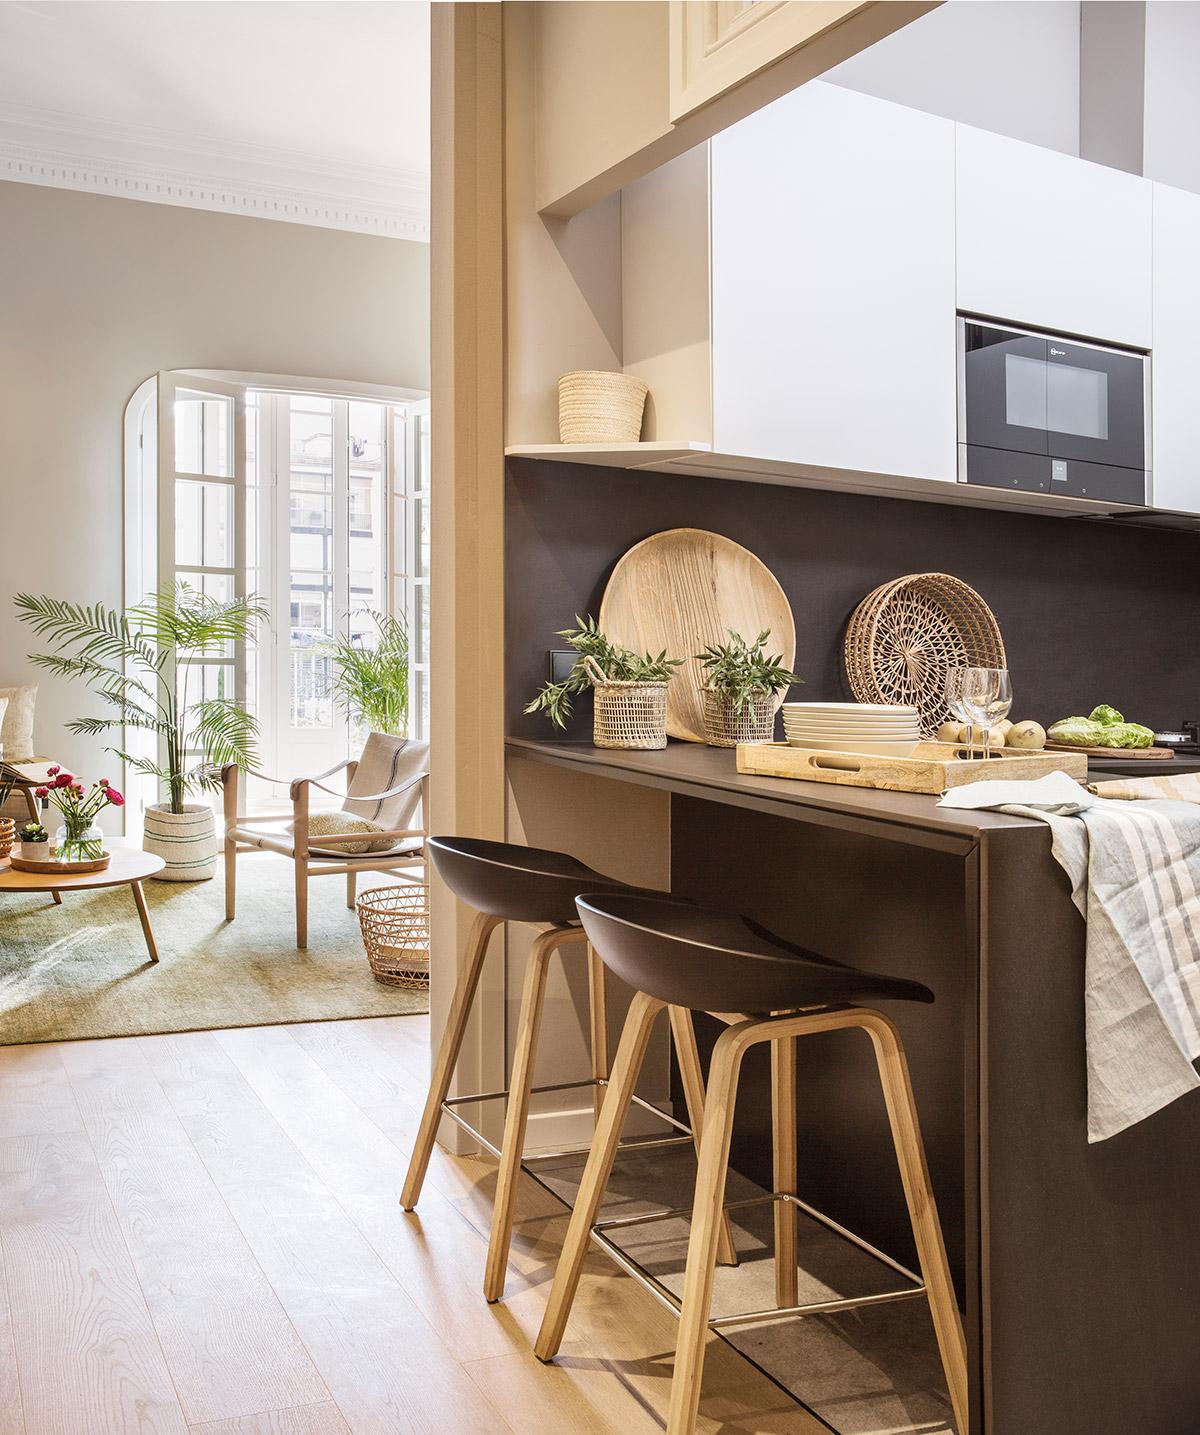 Mueble Barra Cocina | Mueble Cocina Americana Cocinas Integrales ...